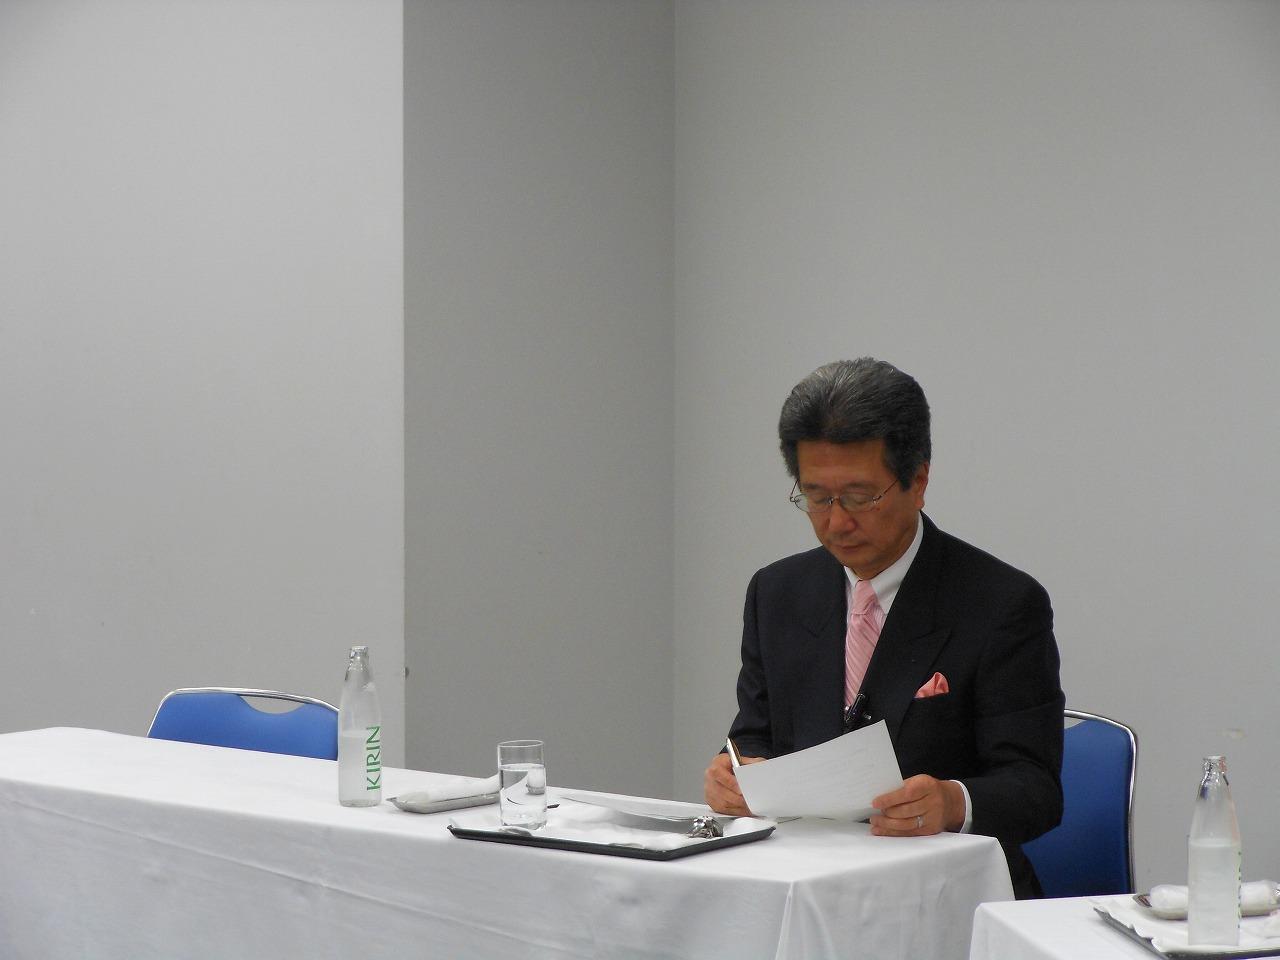 石澤典夫の画像 p1_28